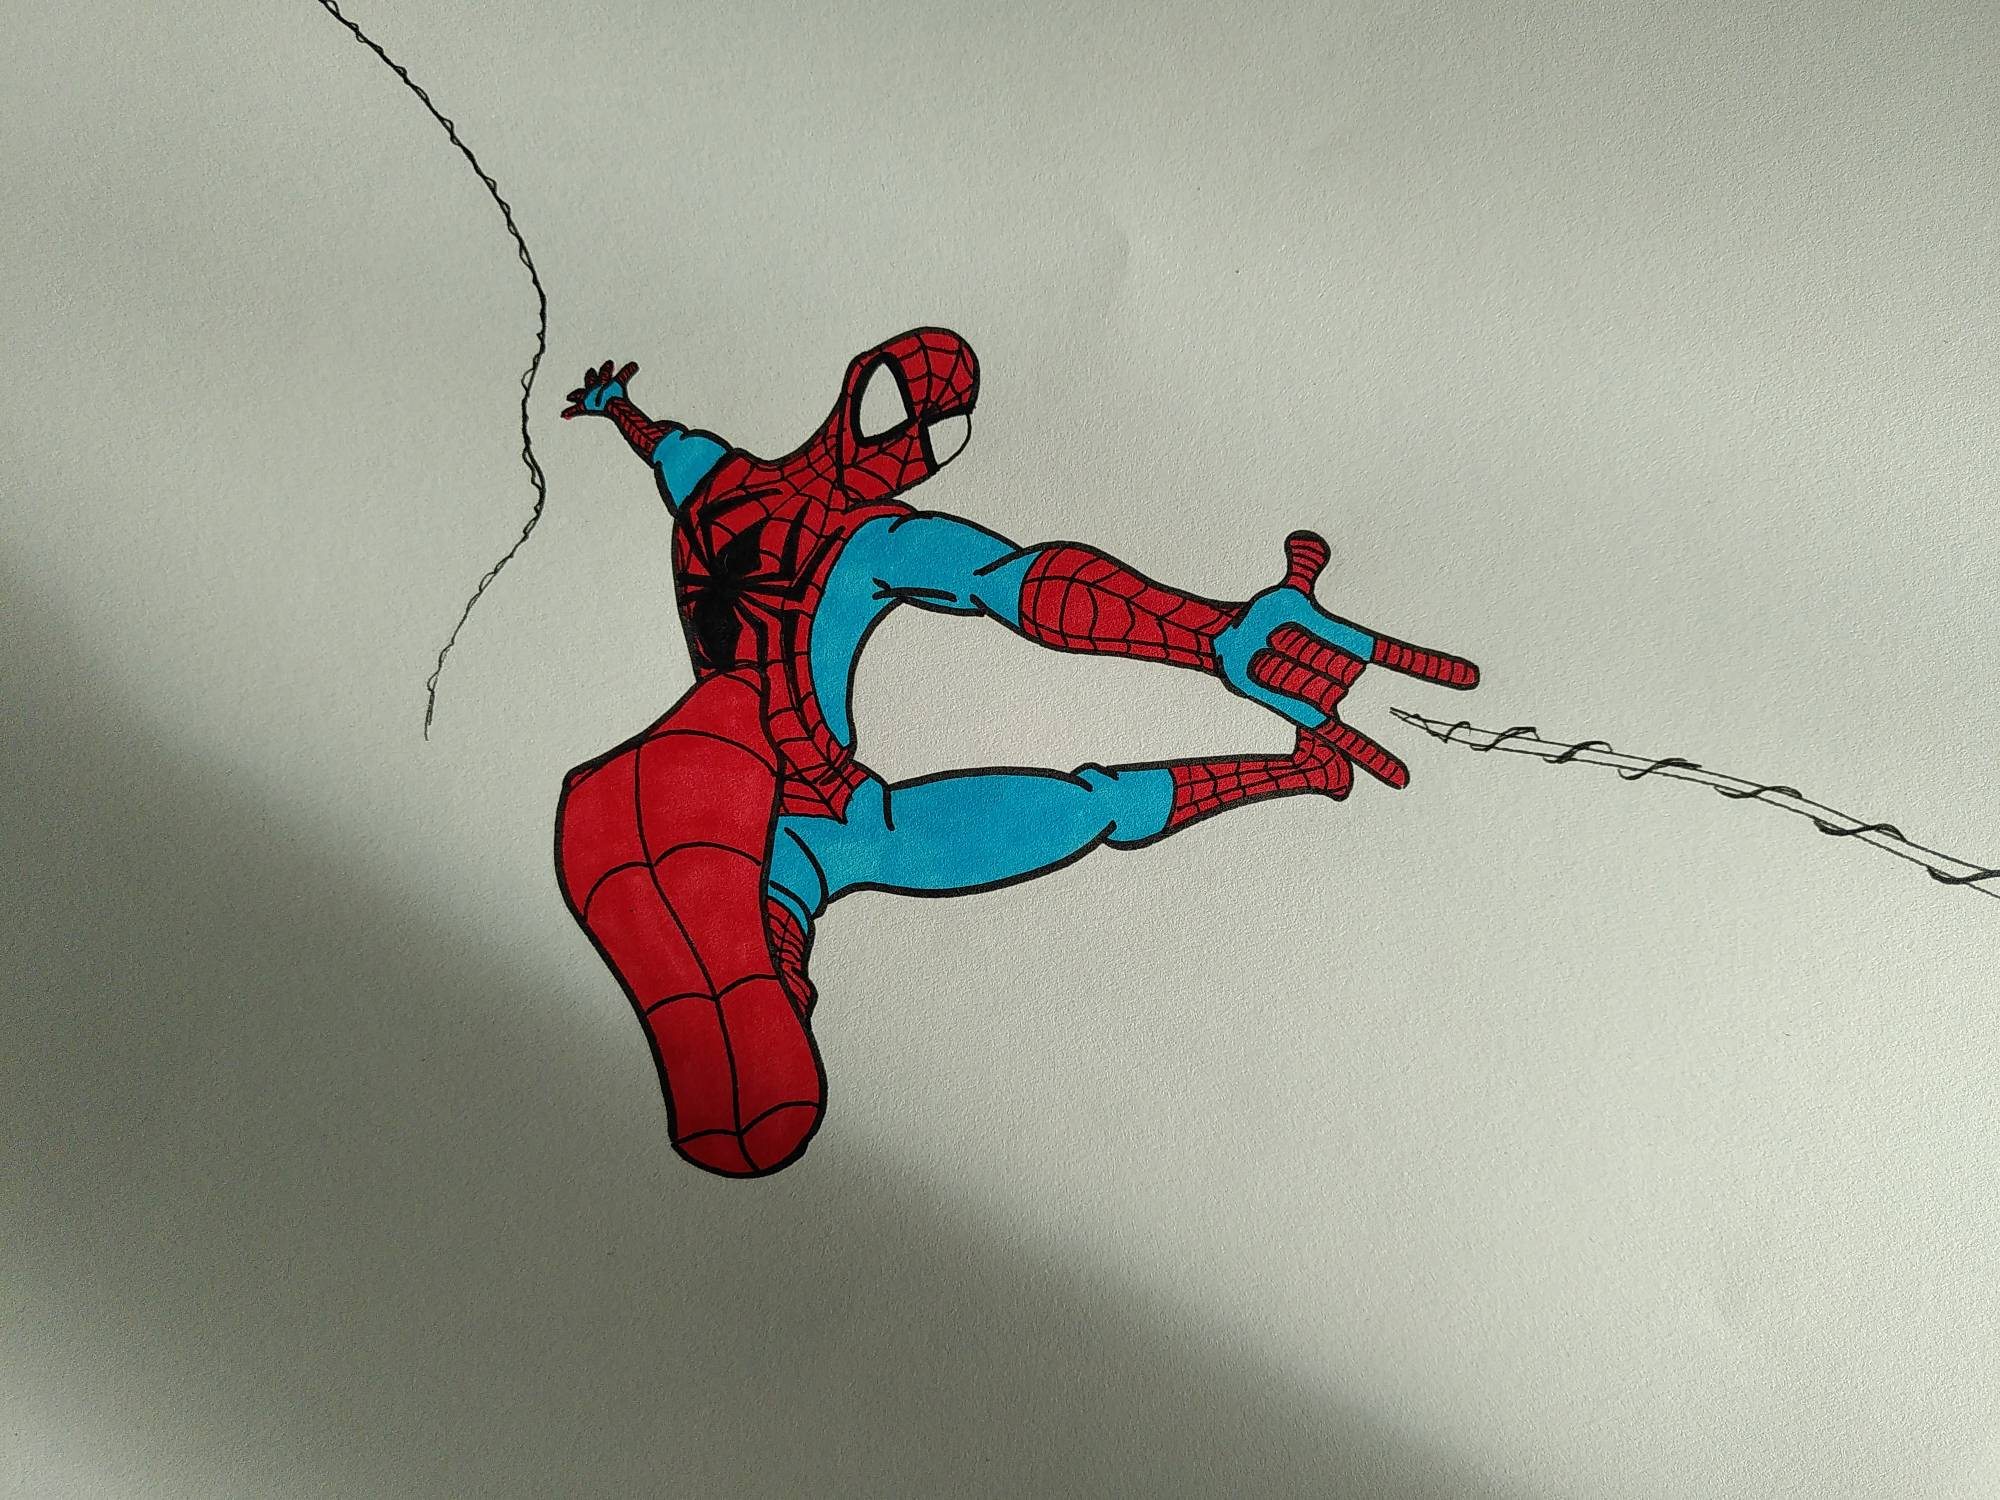 Spider-Man step 1